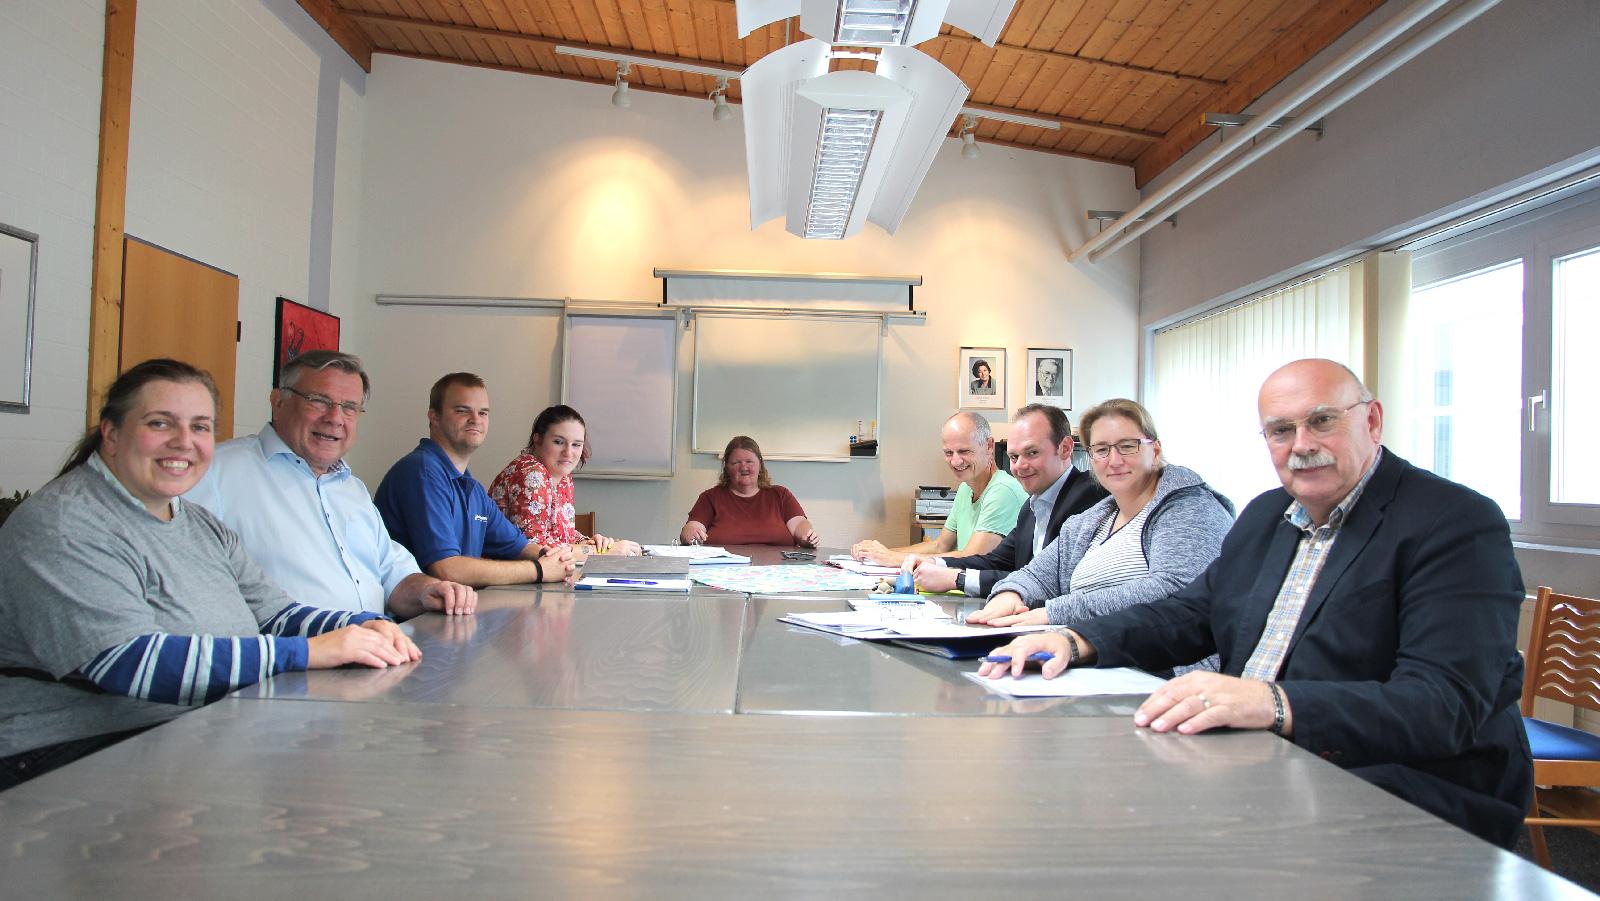 Werkstattleitung als auch Vorstand und Geschäftsleitung nahmen an der Werkstattratssitzung teil.